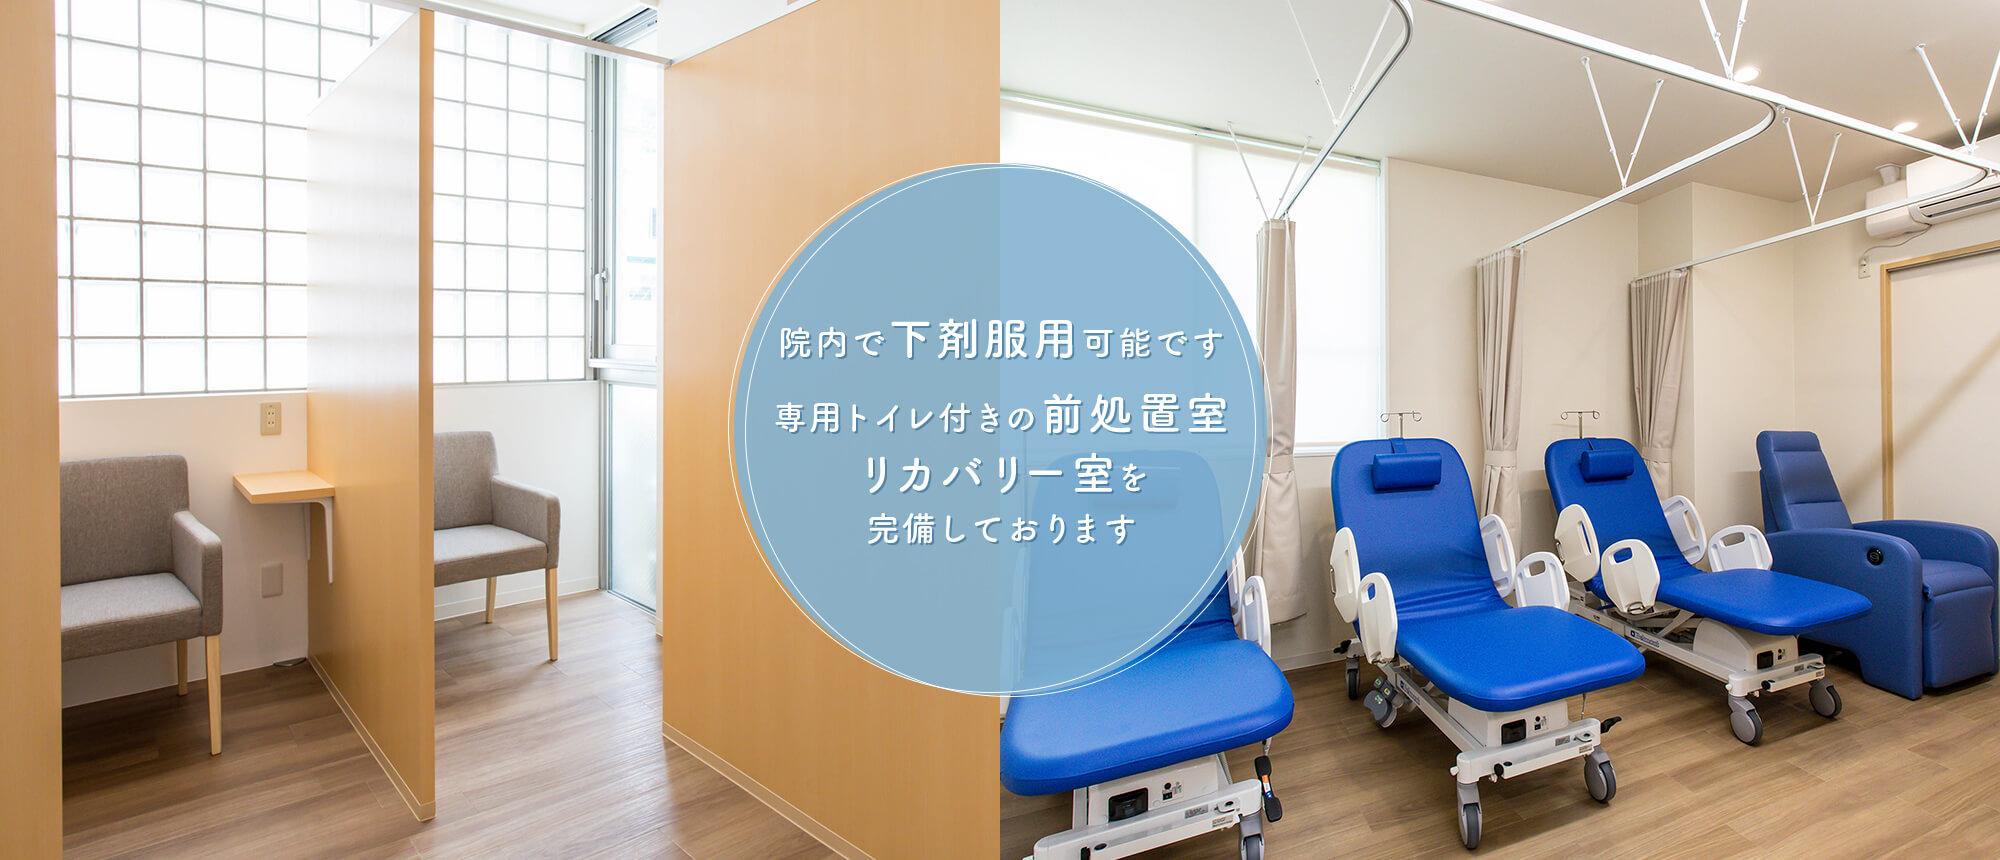 院内で下剤服用可能です 専用トイレ付きの前処置室リカバリー室を完備しております